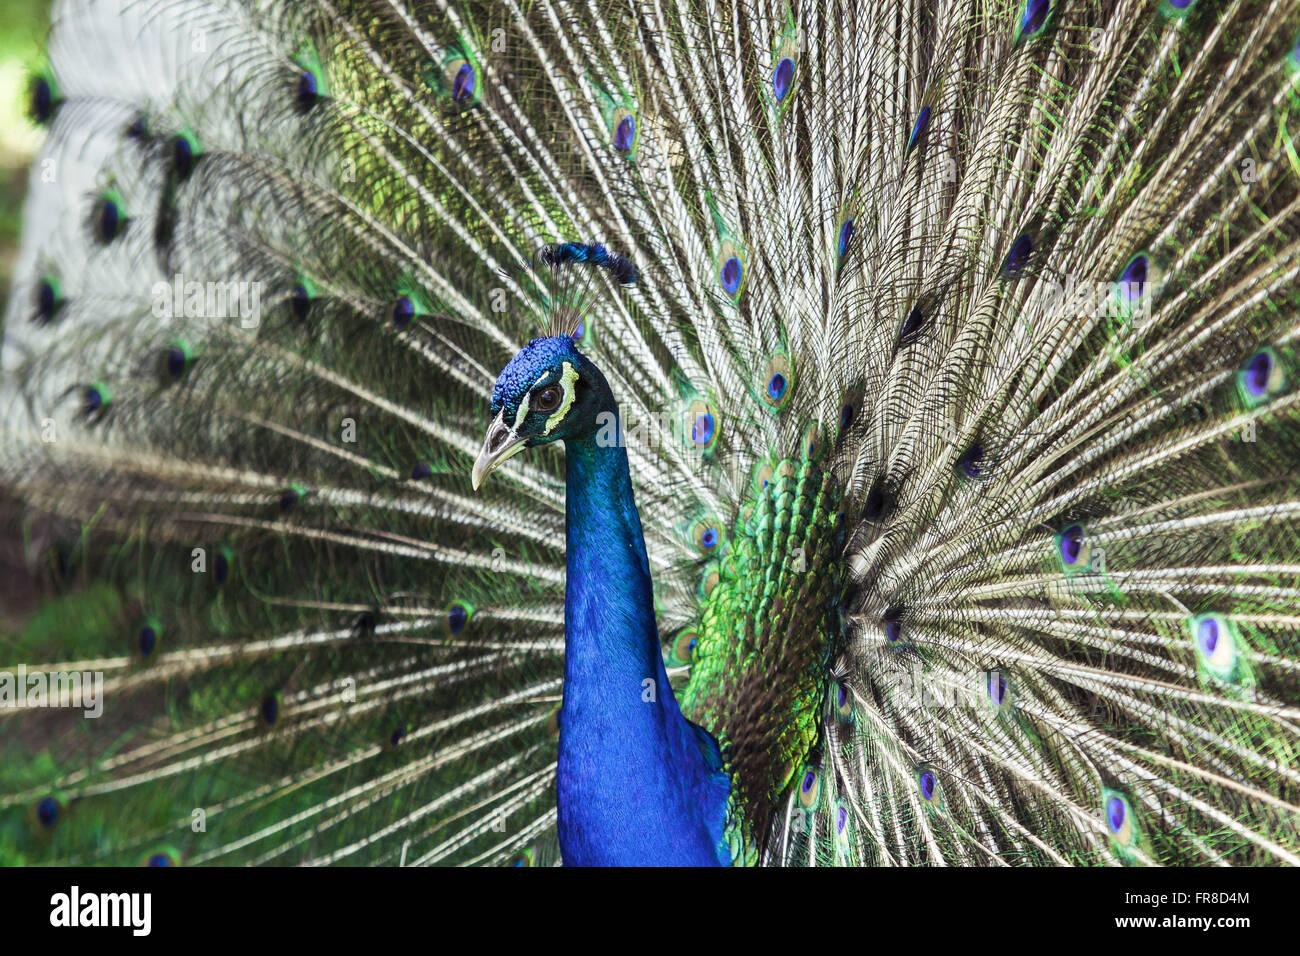 Peacock - Pavo cristatus - Stock Image